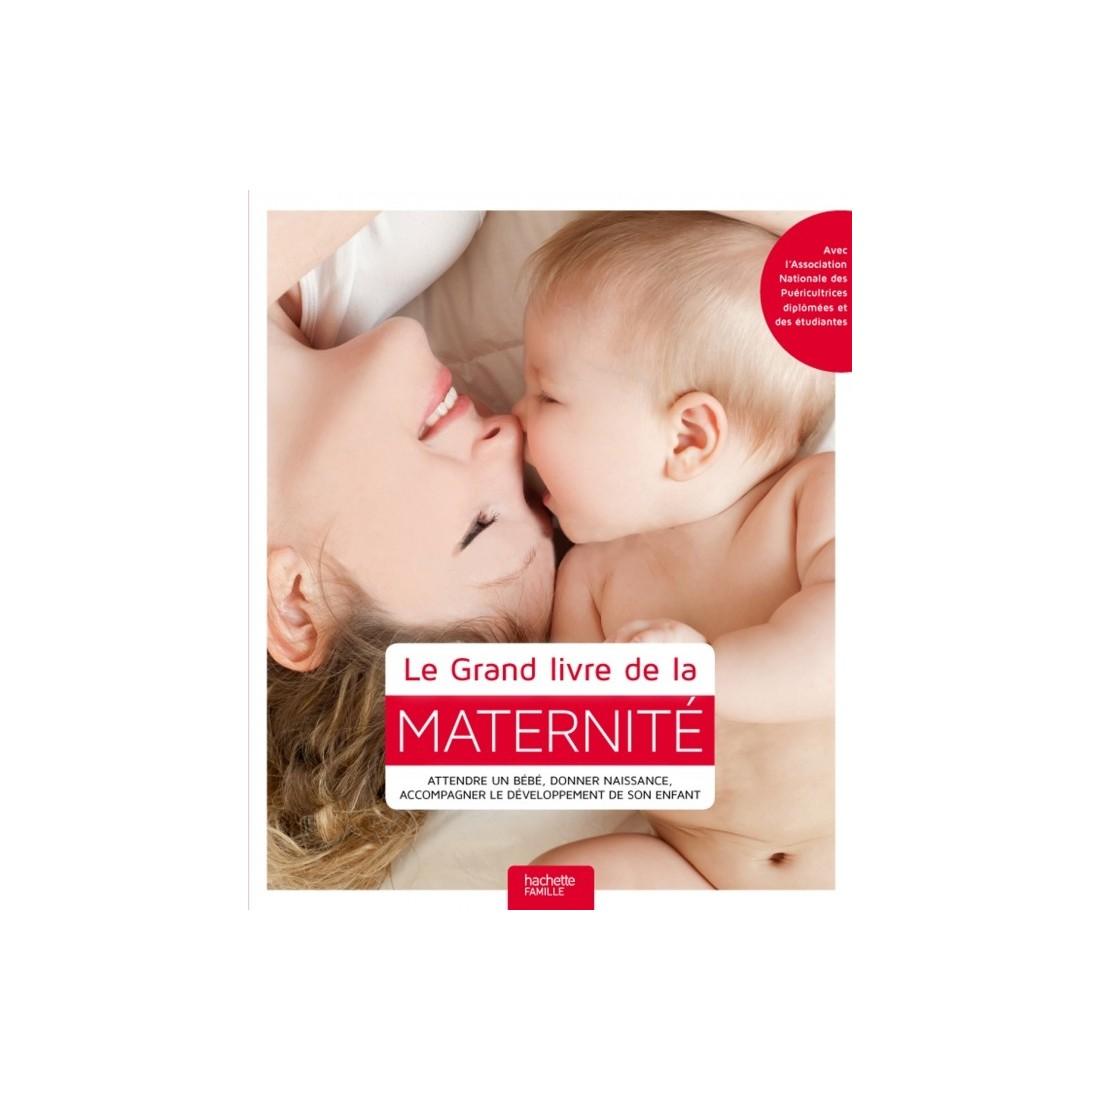 le grand livre de la maternité